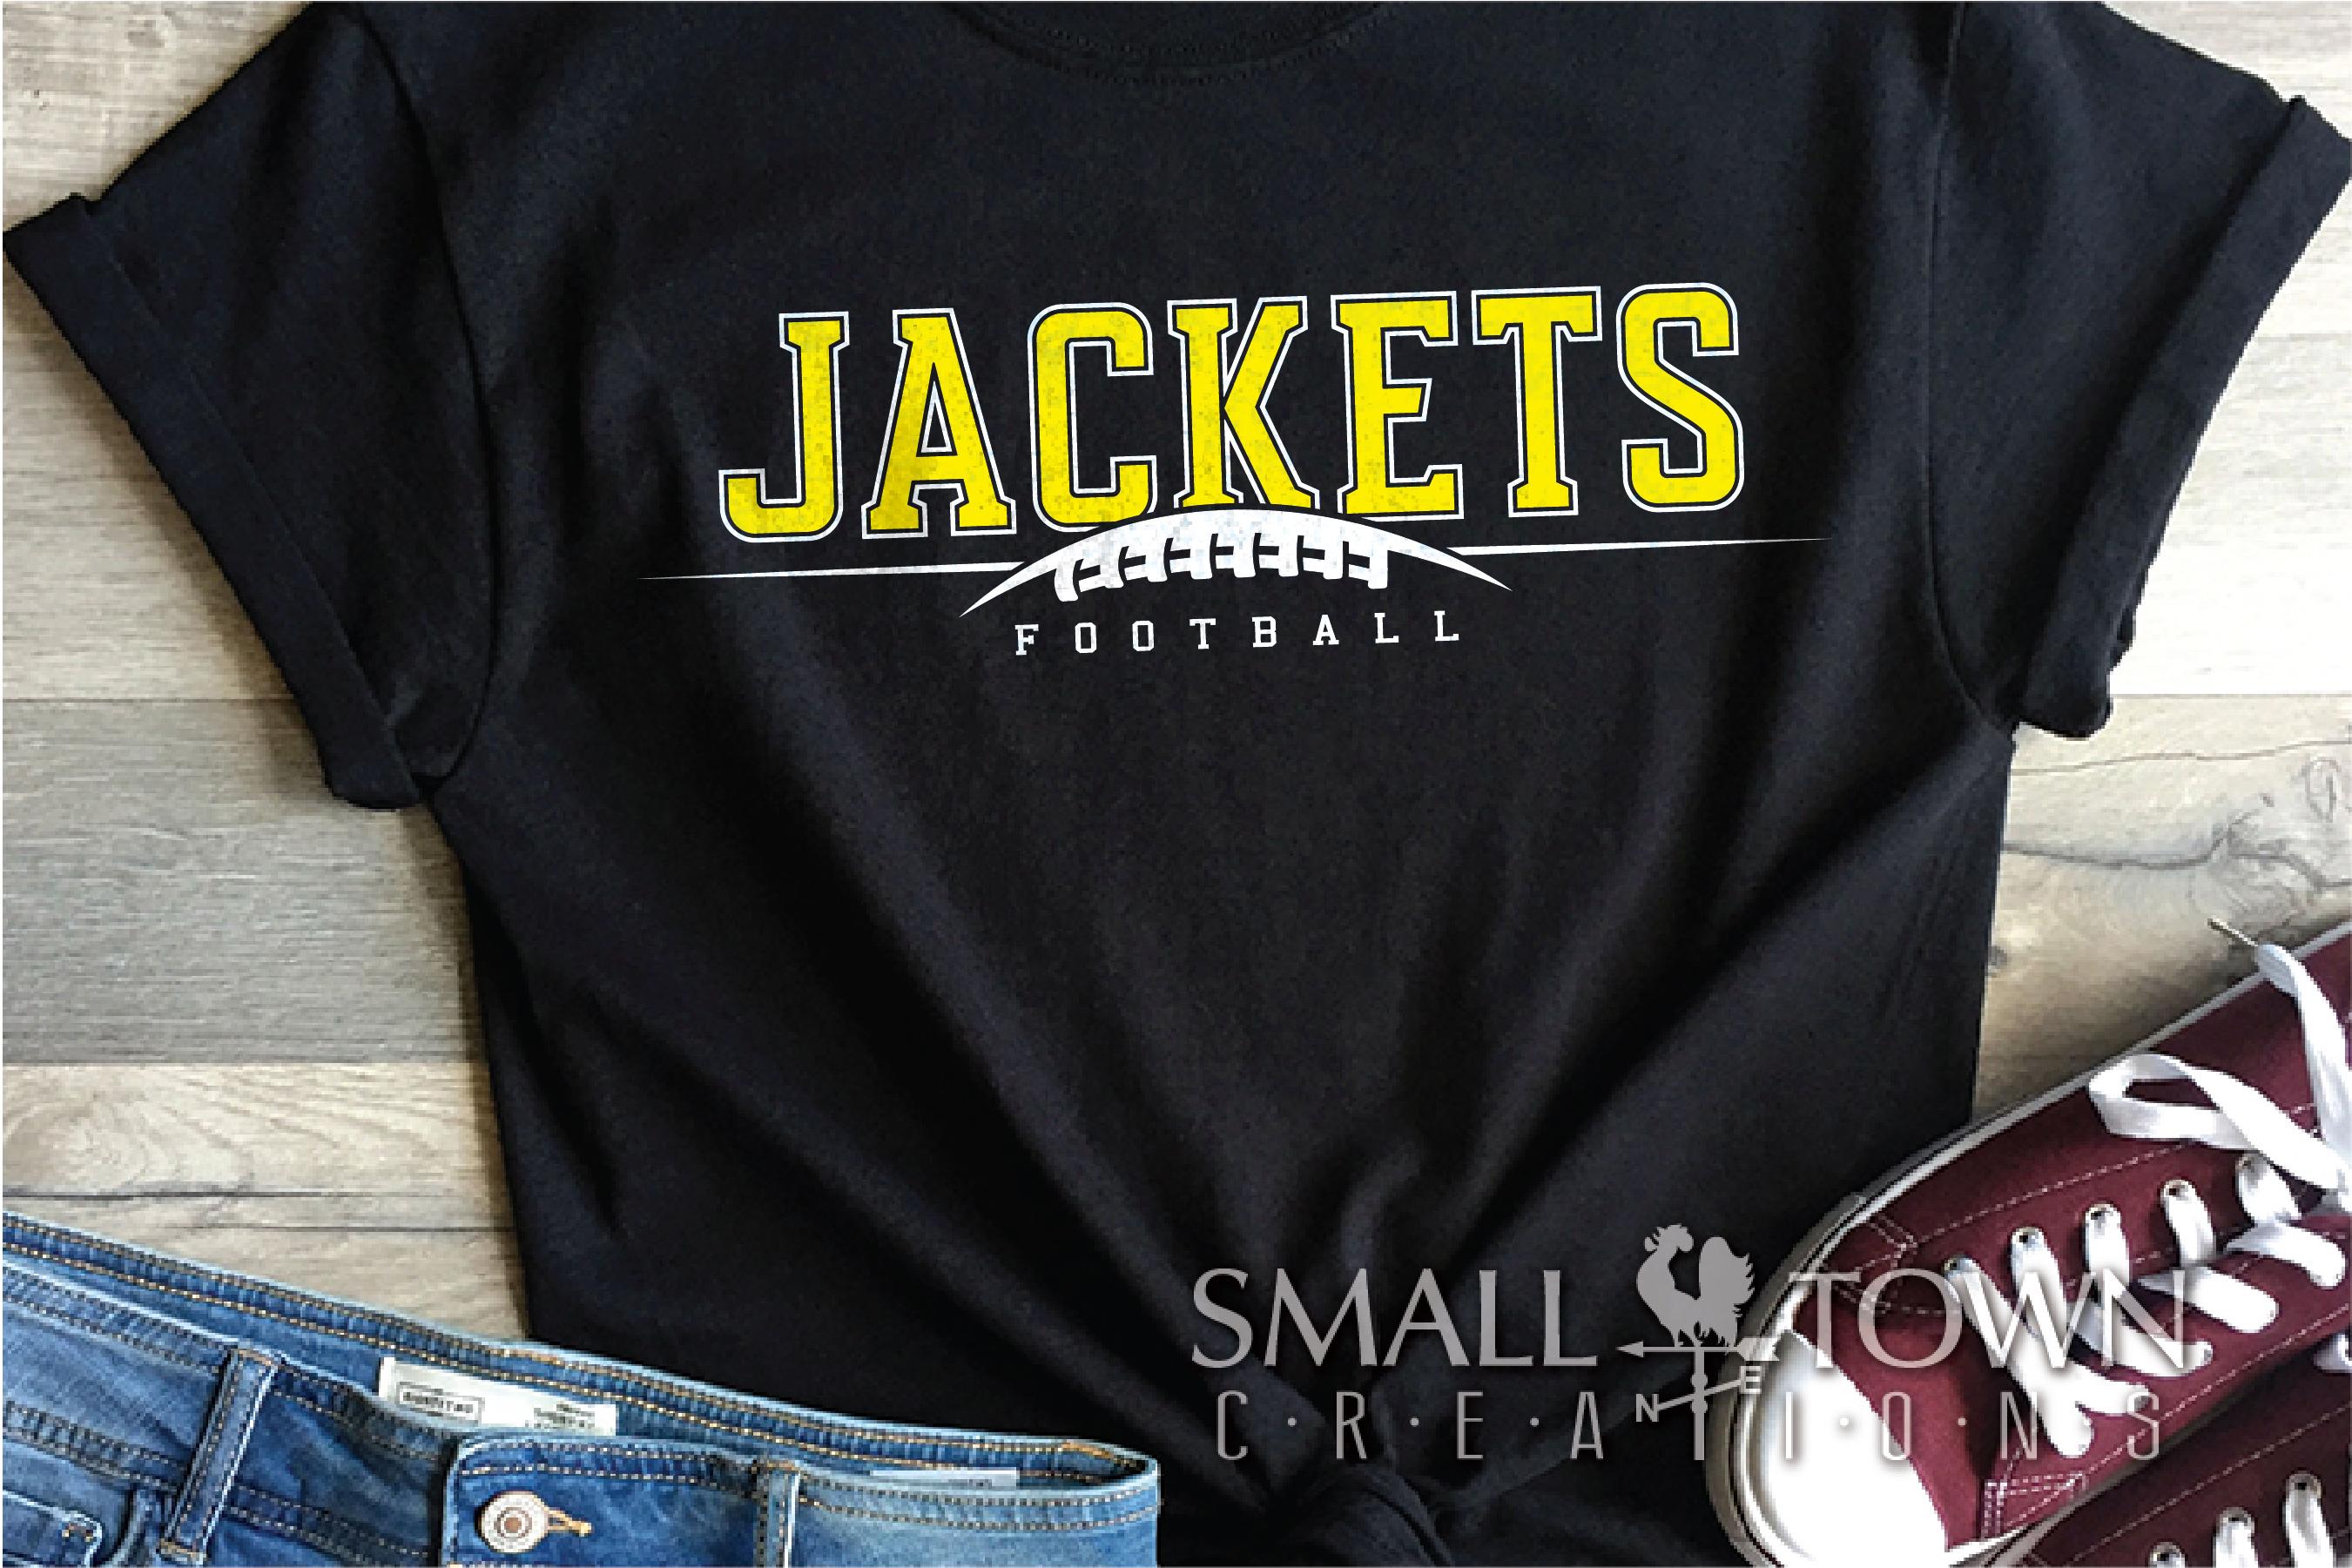 Jacket Football, Football Team, Sport, PRINT, CUT & DESIGN example image 1